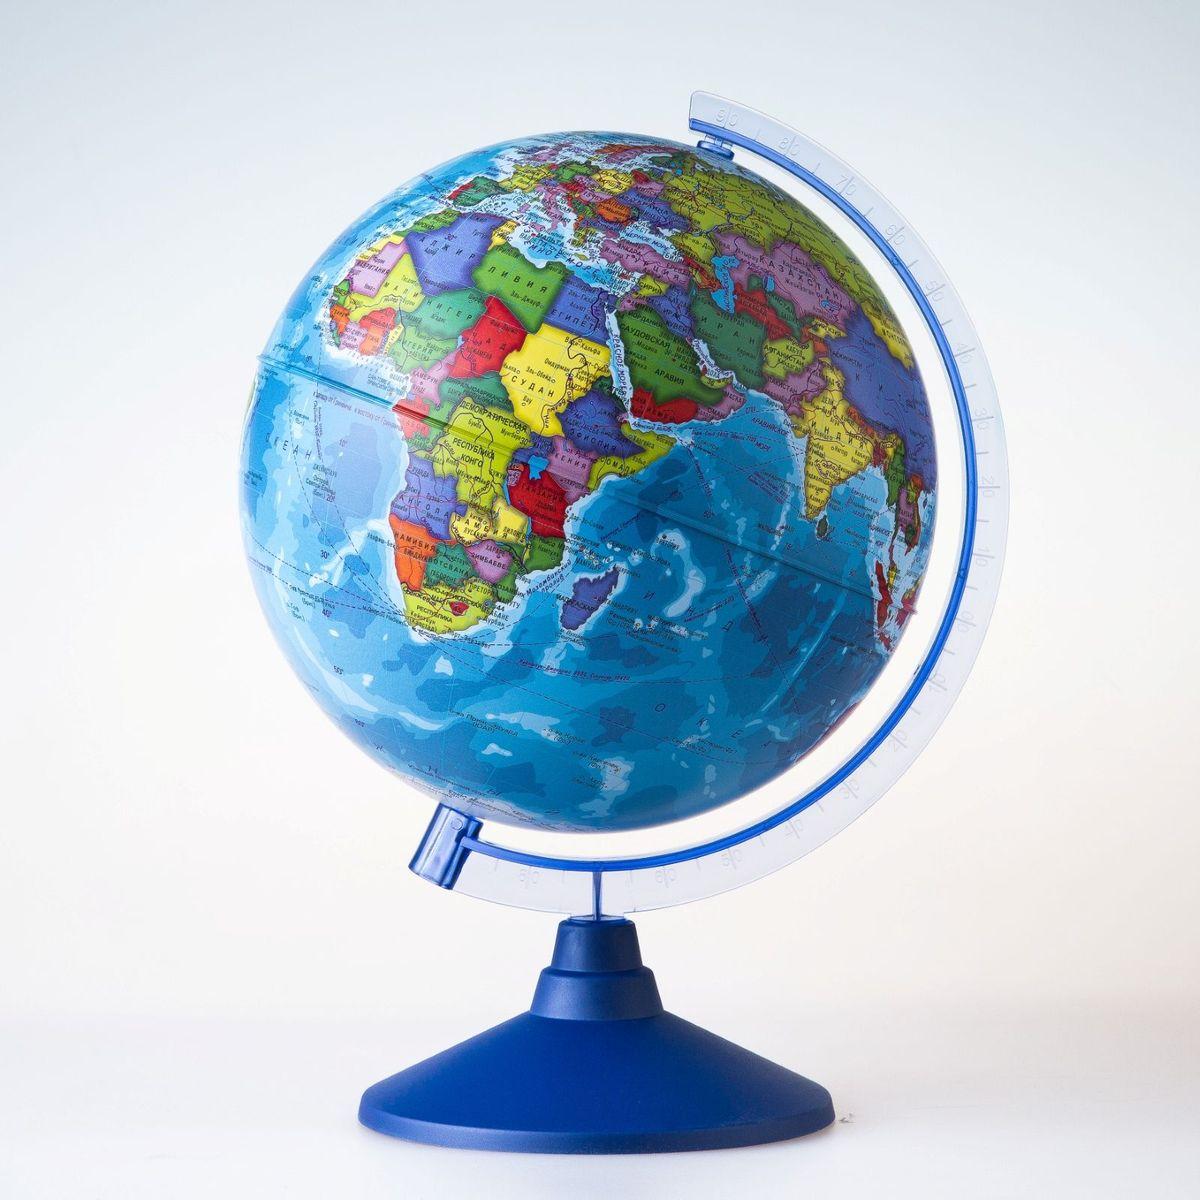 Глобен Глобус политический Классик Евро диаметр 25 см